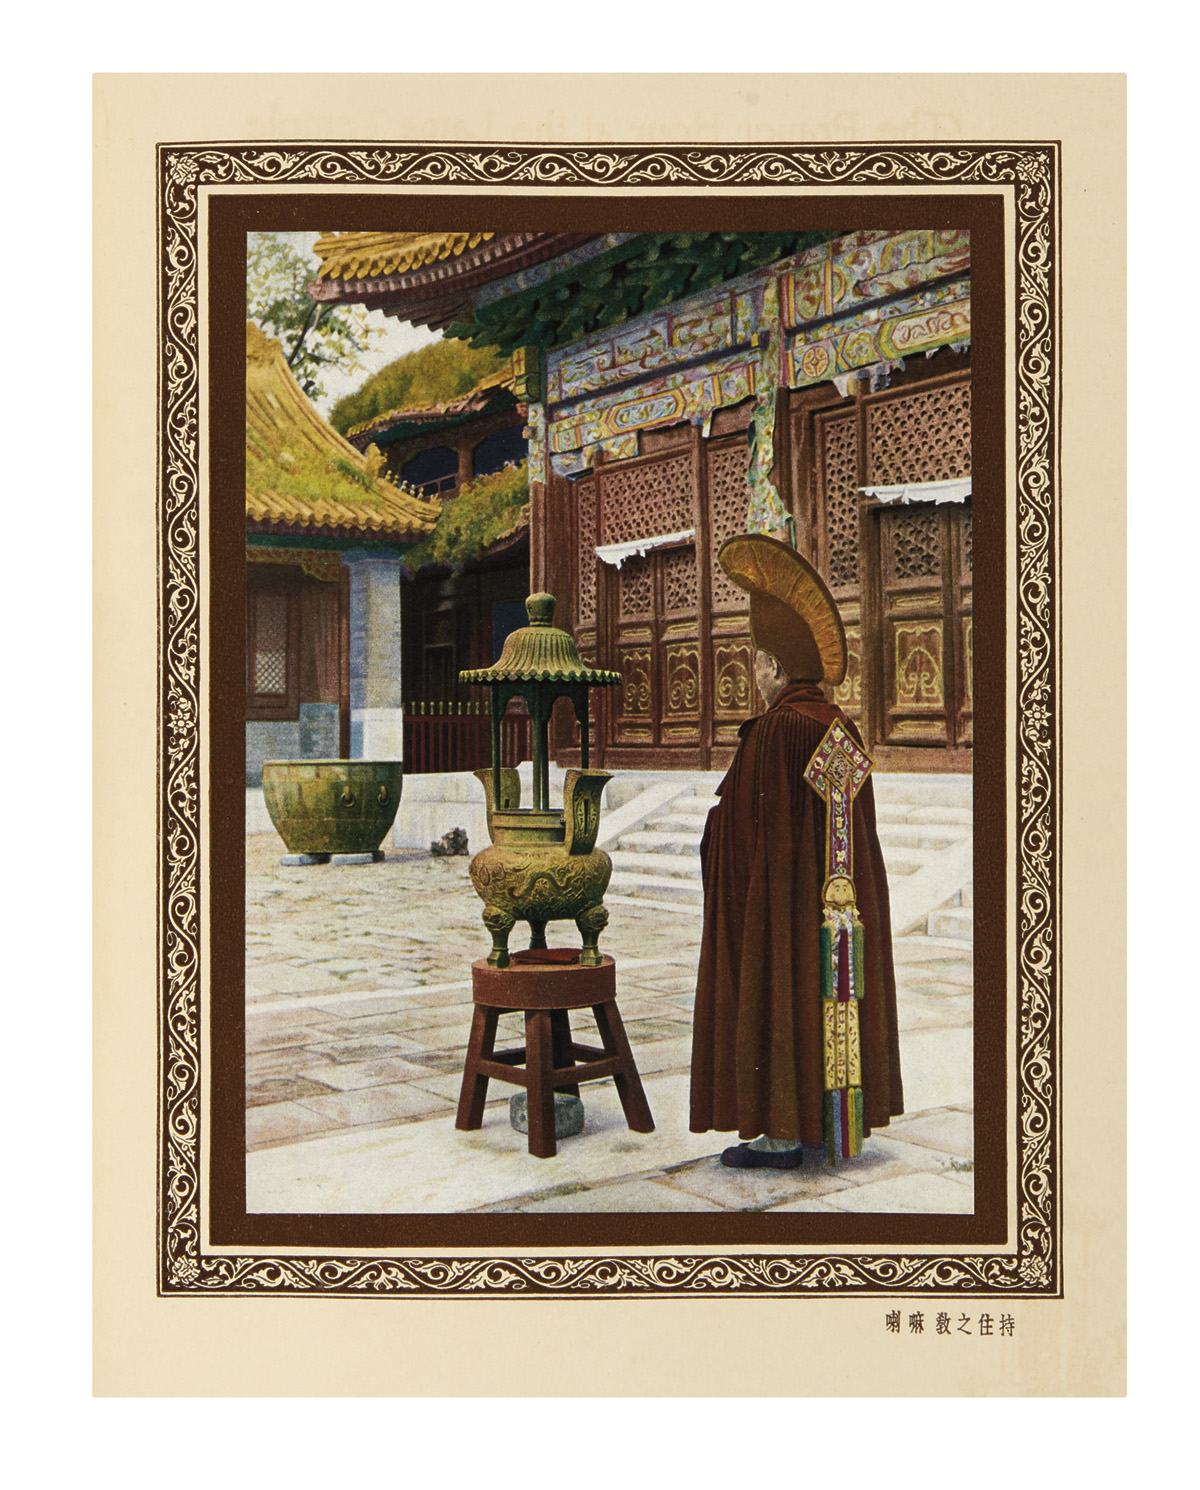 (CHINA.) White, Herbert C.; and Hu Shih. Peking the Beautiful.